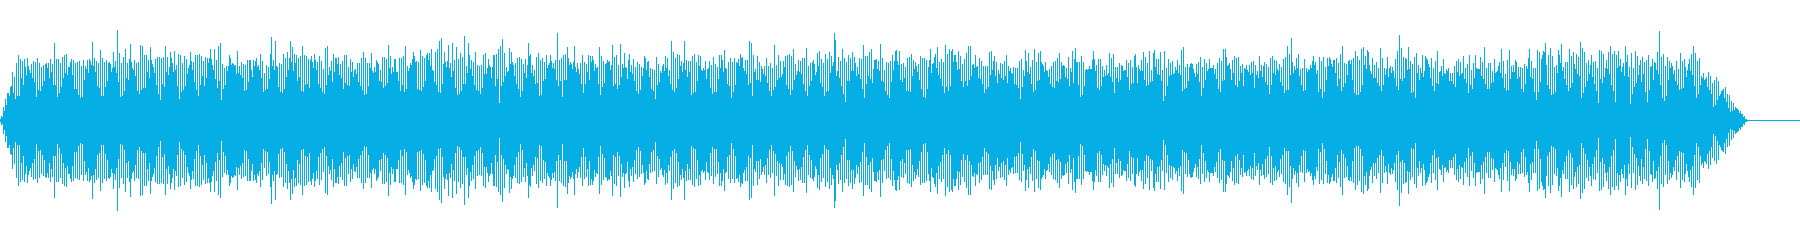 クリケット-鳥の再生済みの波形